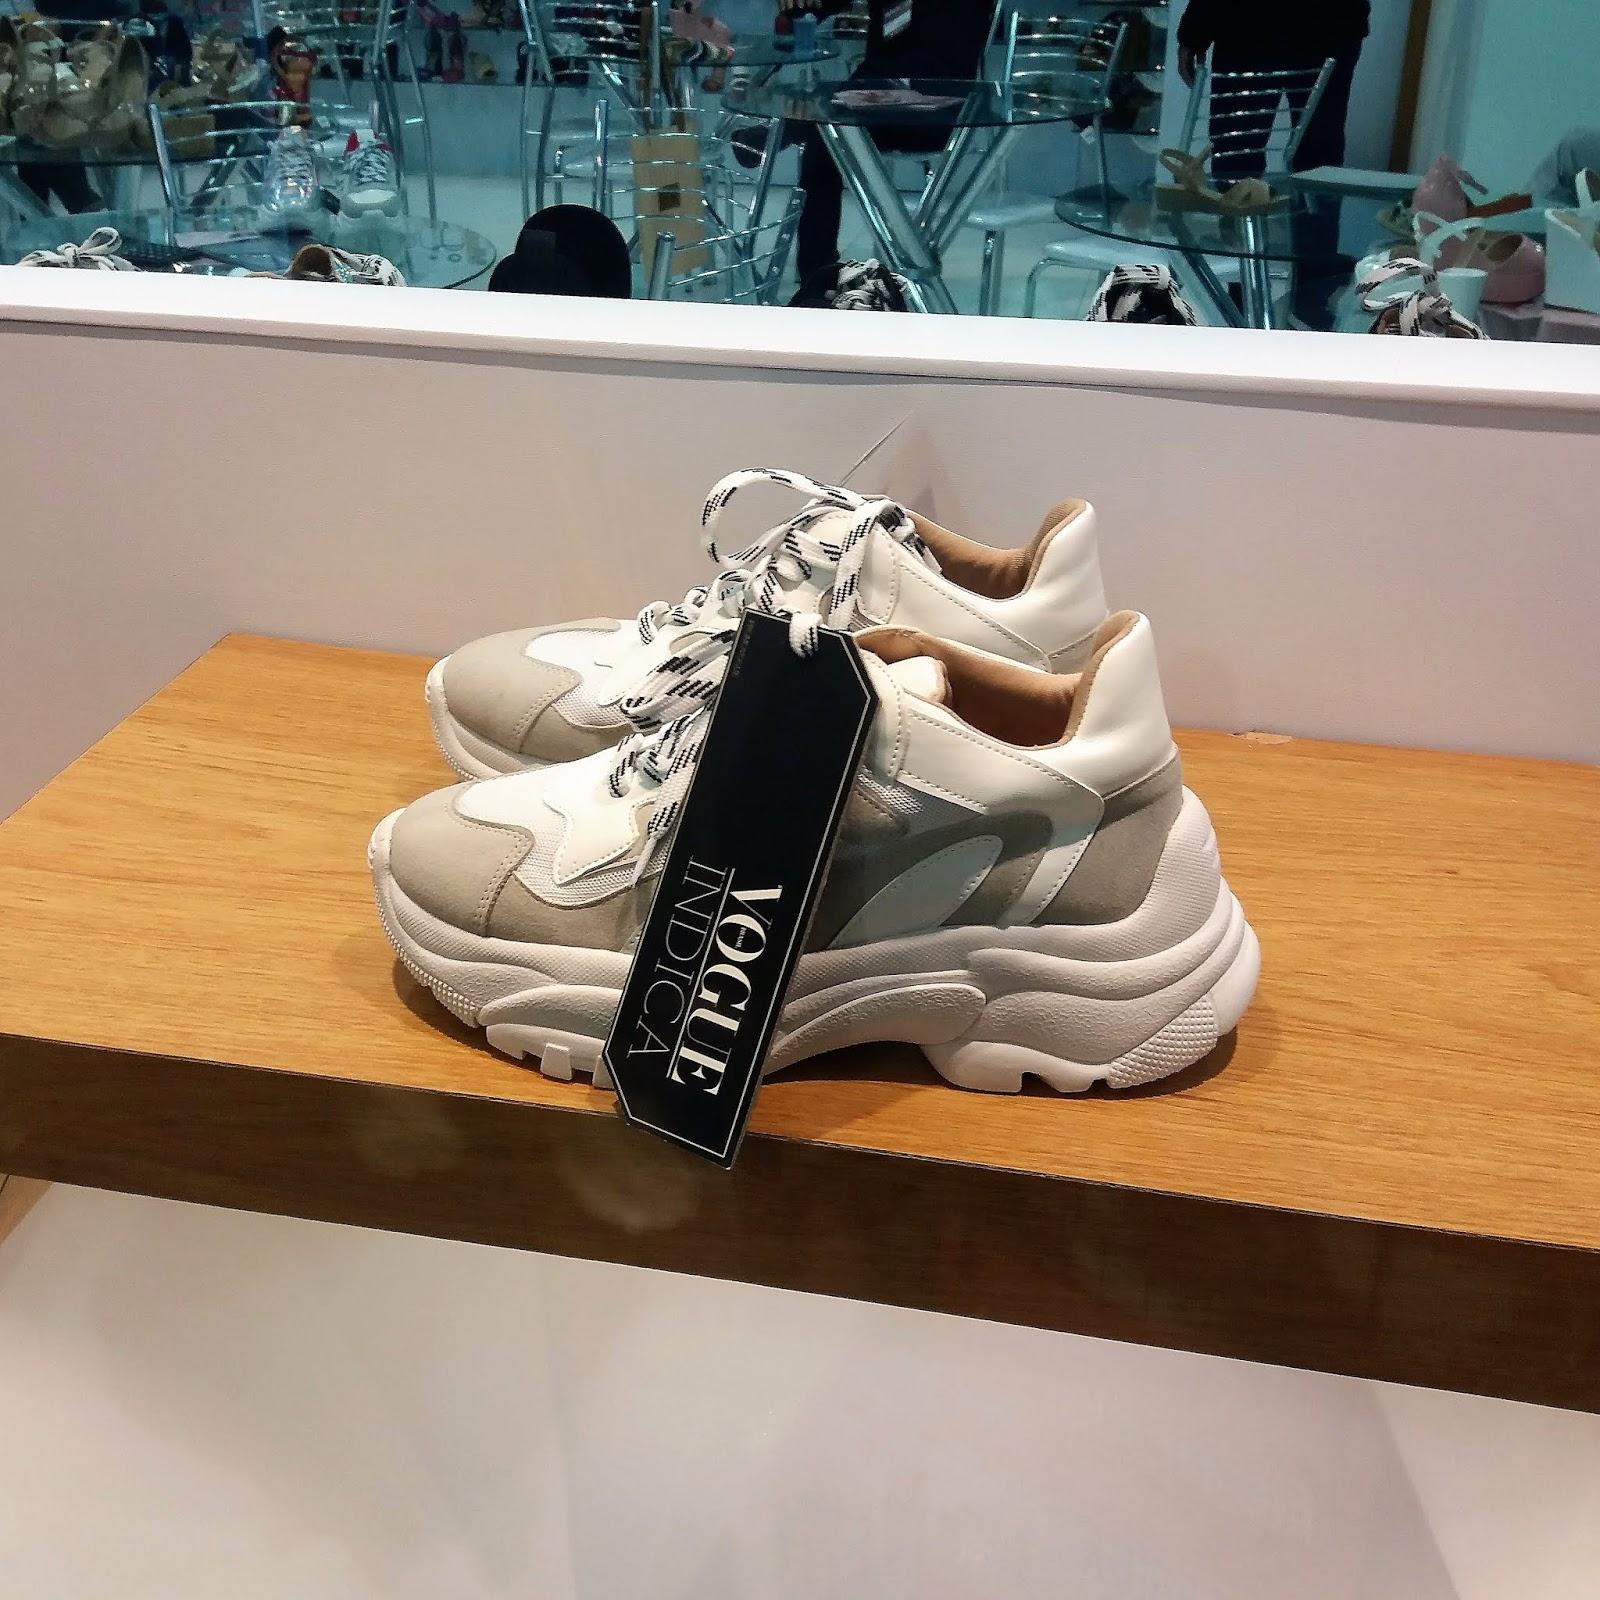 70527d455 Ala ZATZ Chuncky Tênis Dad Shoes. Ele existe por diversas marcas e preços,  for example Louis Vuitton por U$ 1090,00, mas hoje vou falar sobre uma que  ...